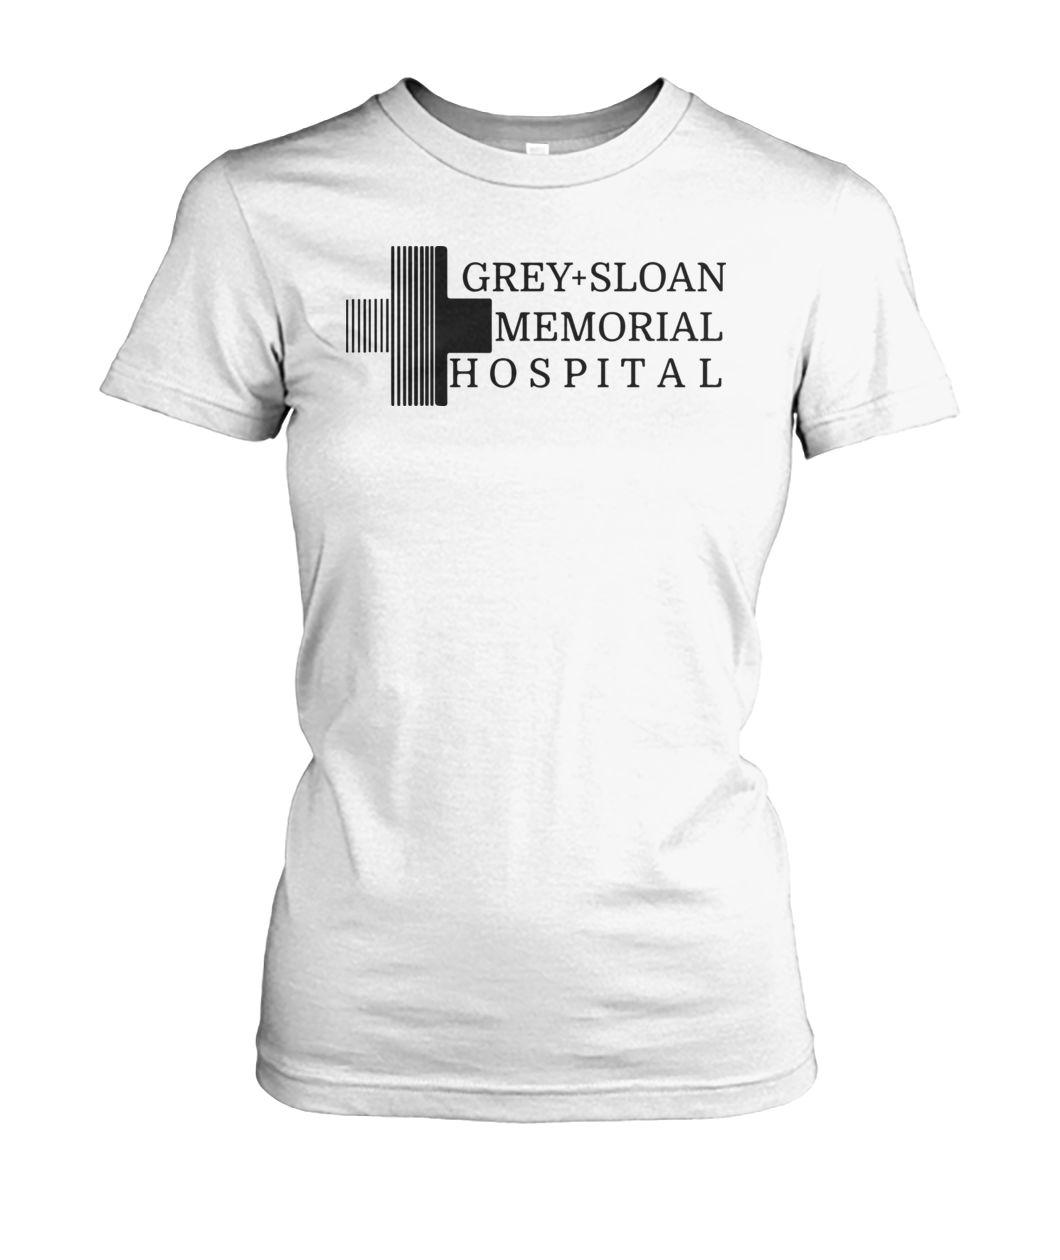 Grey Sloan Memorial hospital logo women shirt